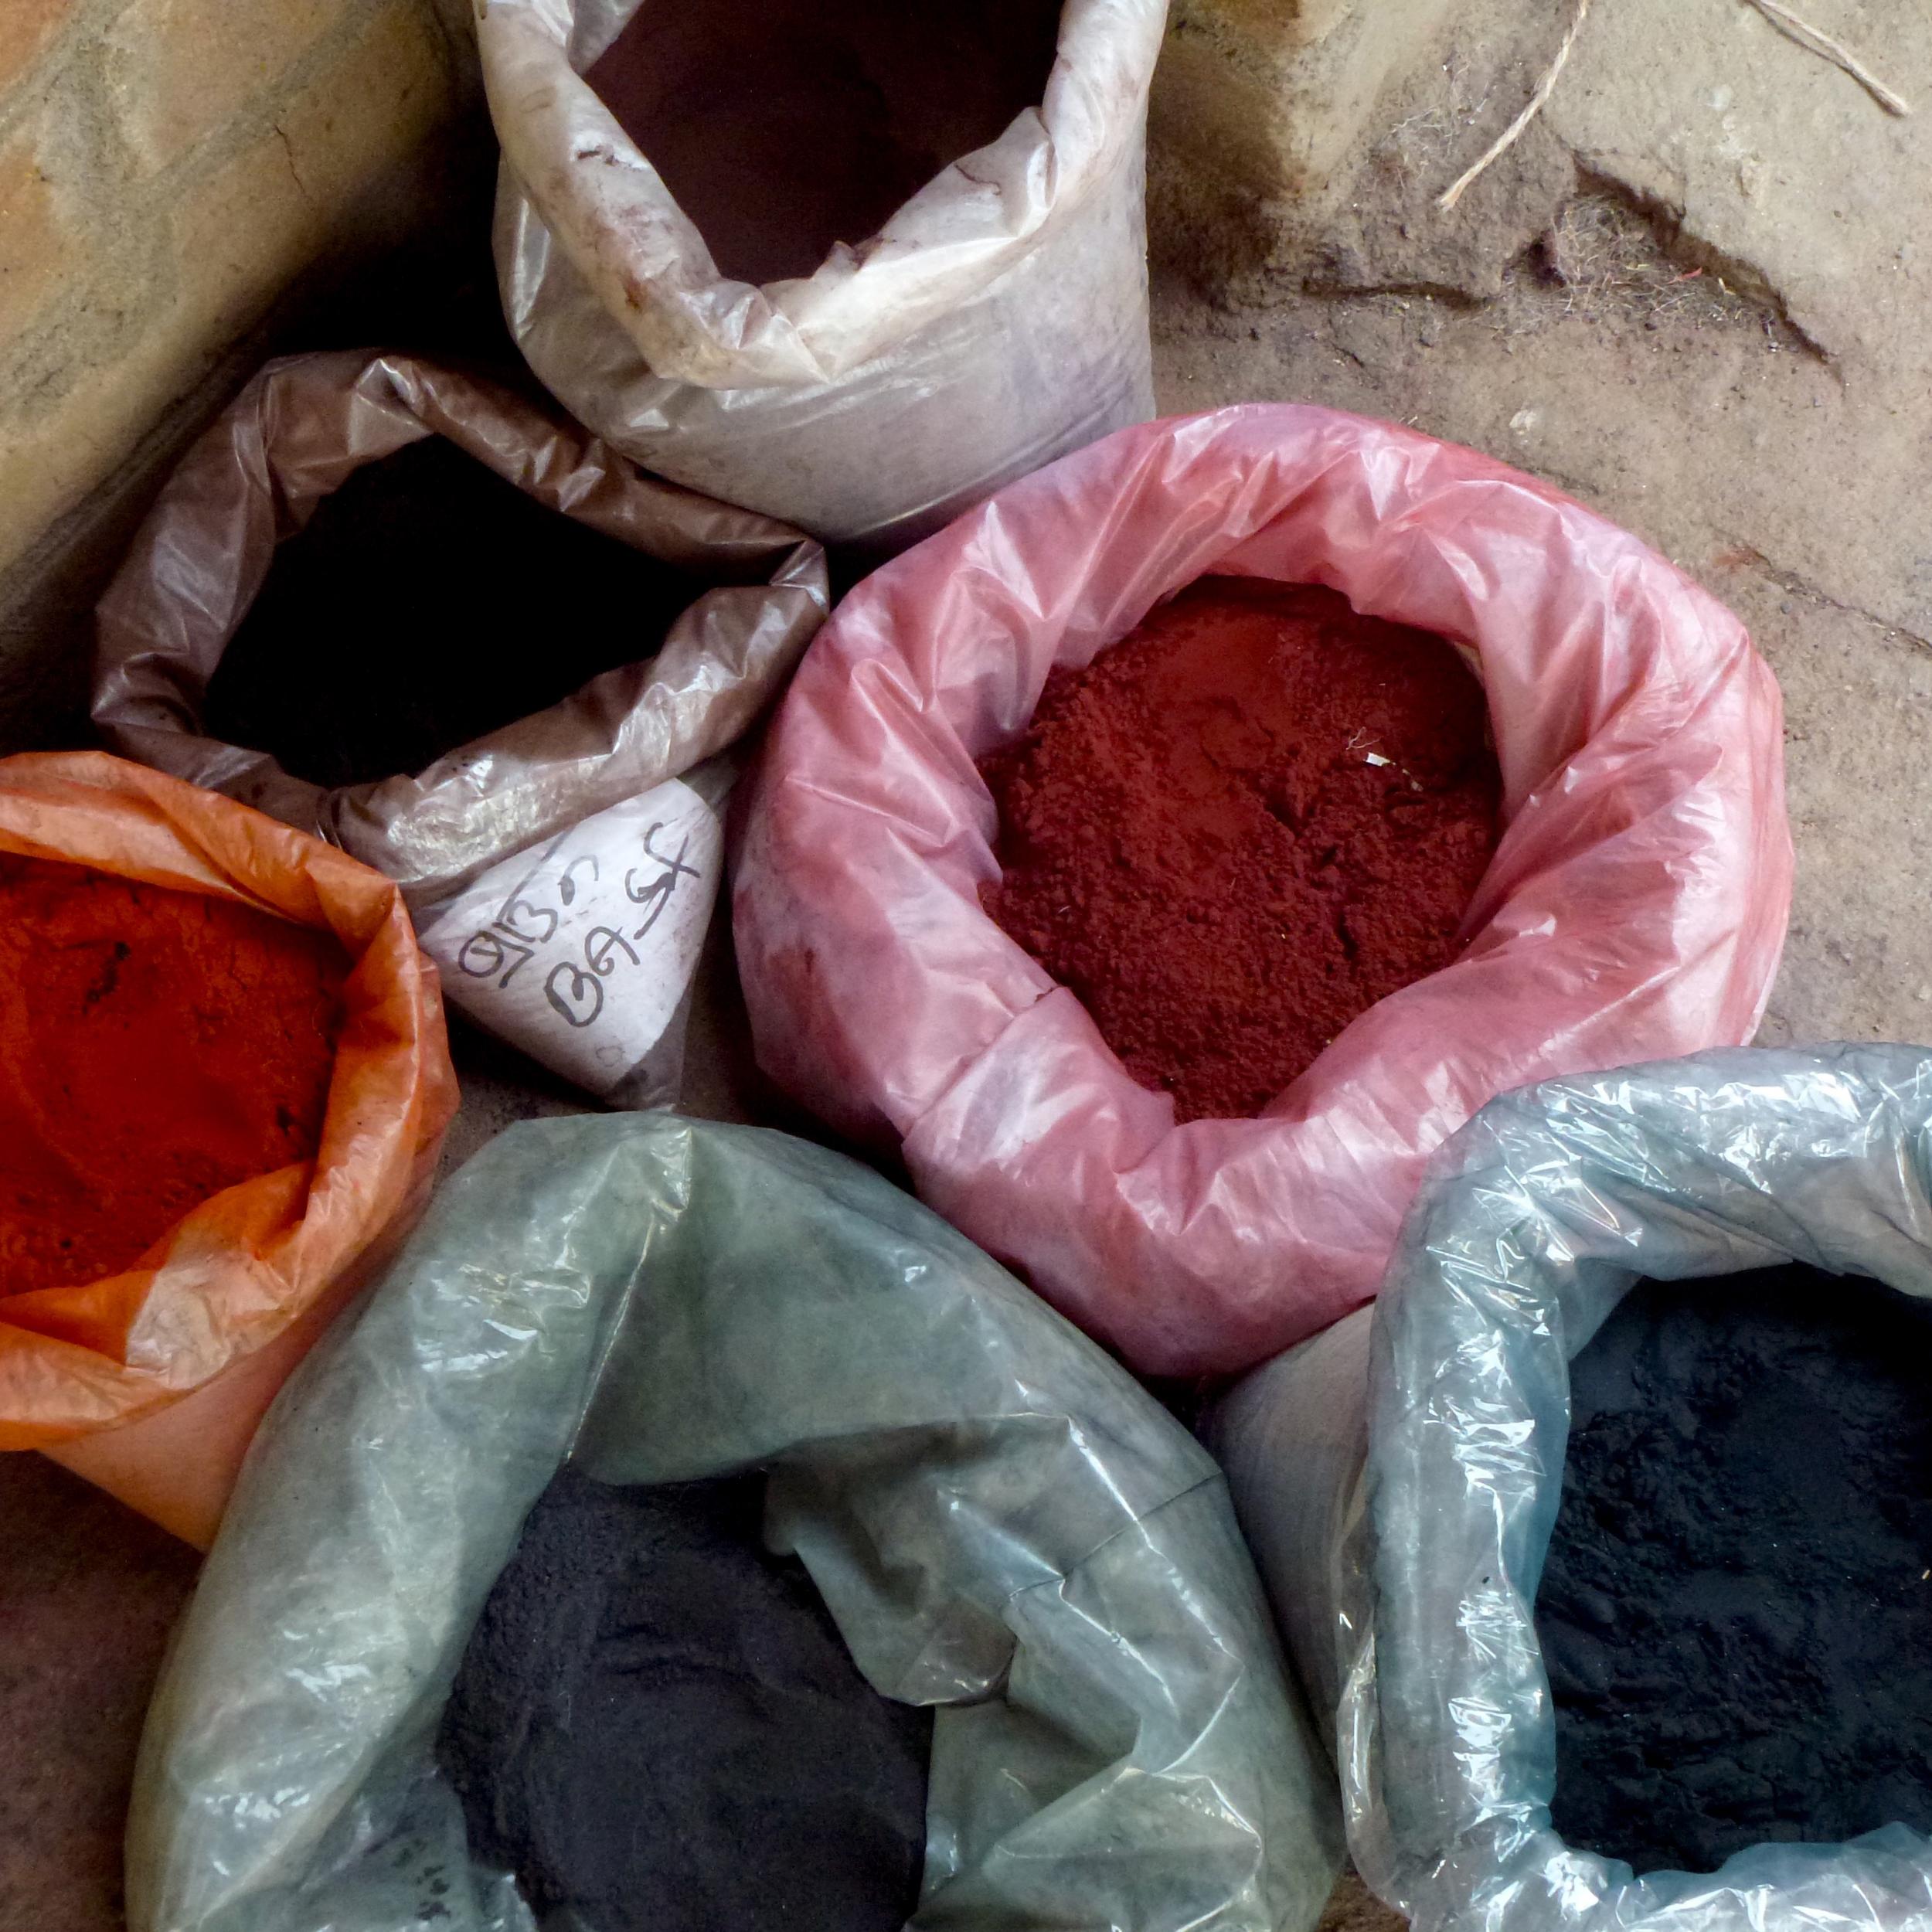 S2G Silk Rugs Workshops Nepal Les Ateliers Courbet 4.jpg